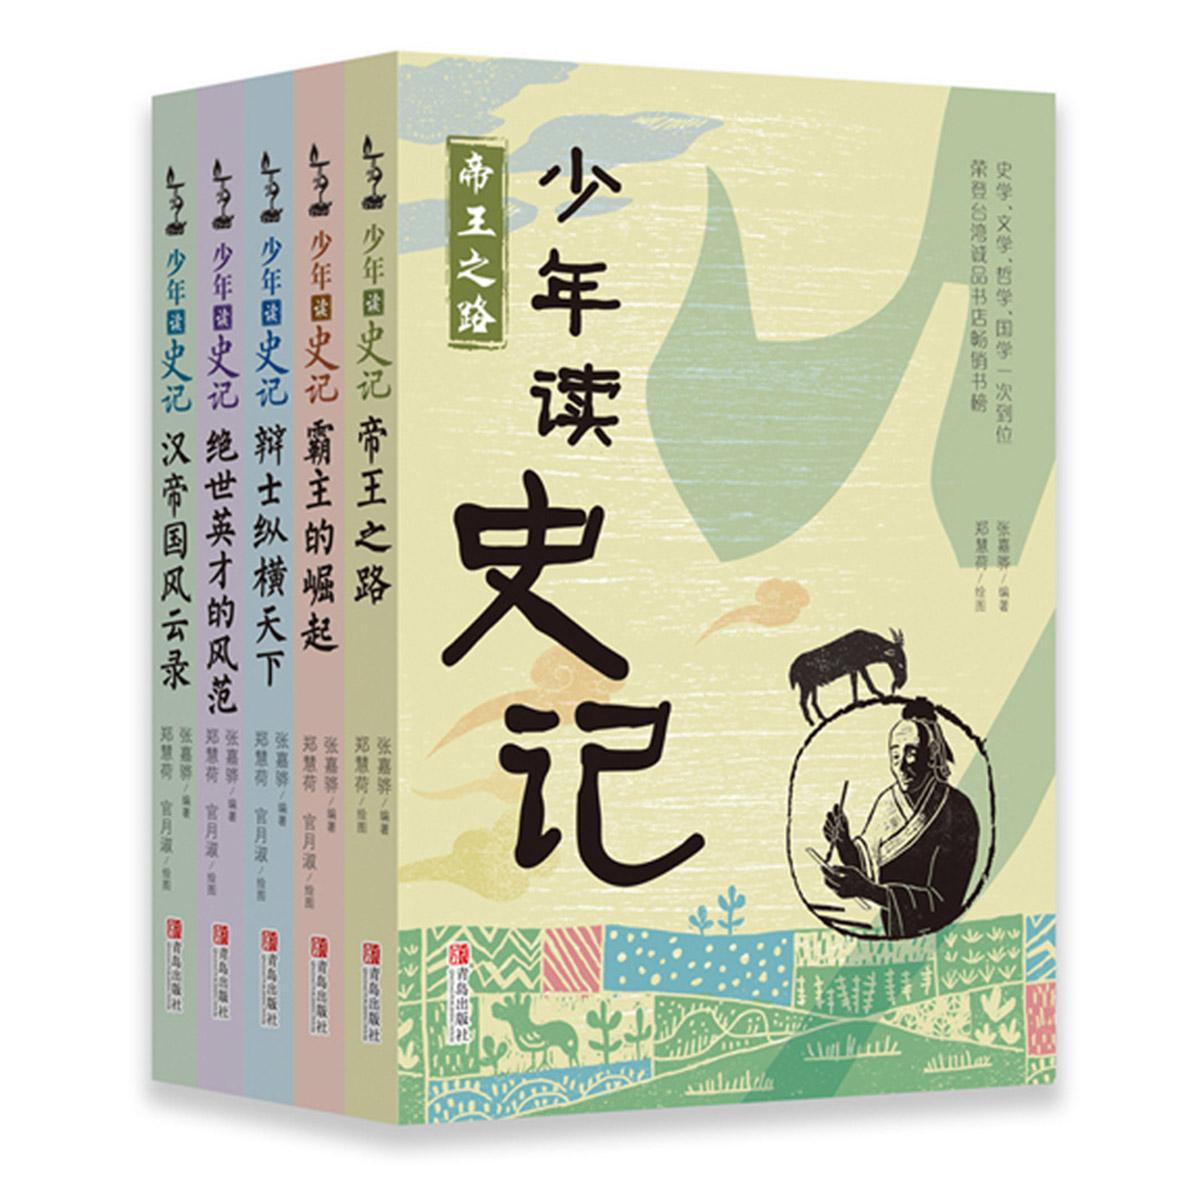 畅销书:《少年读史记》作者:张嘉骅 儿童文学 第1张